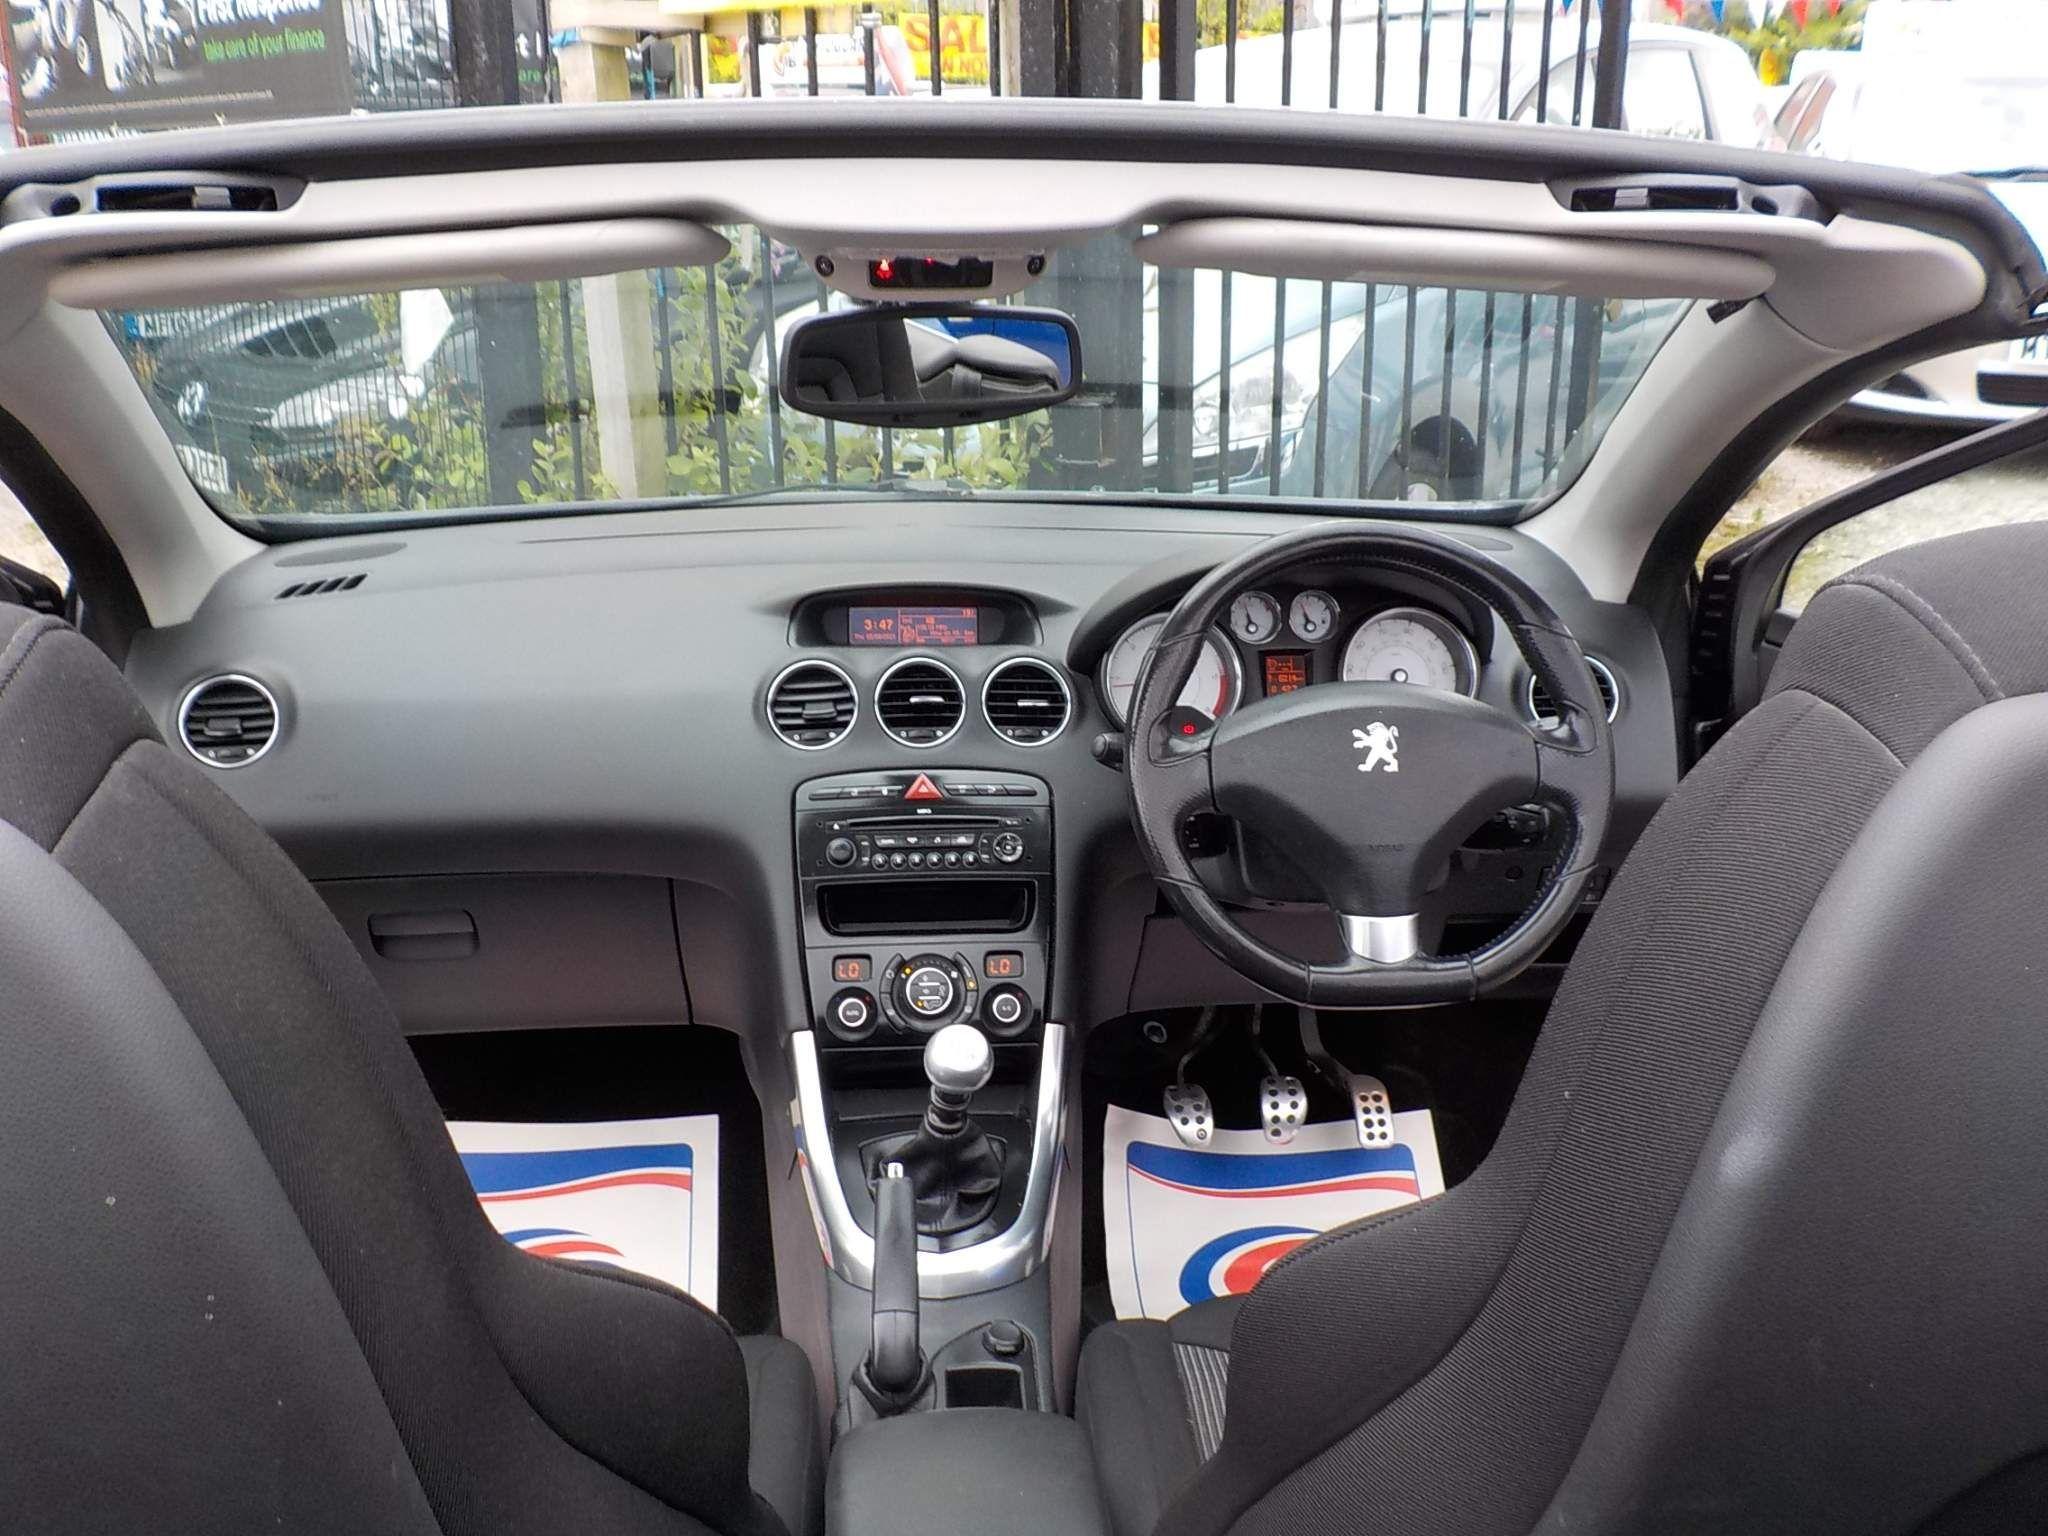 Peugeot 308 CC 2.0 HDi FAP SE 2dr